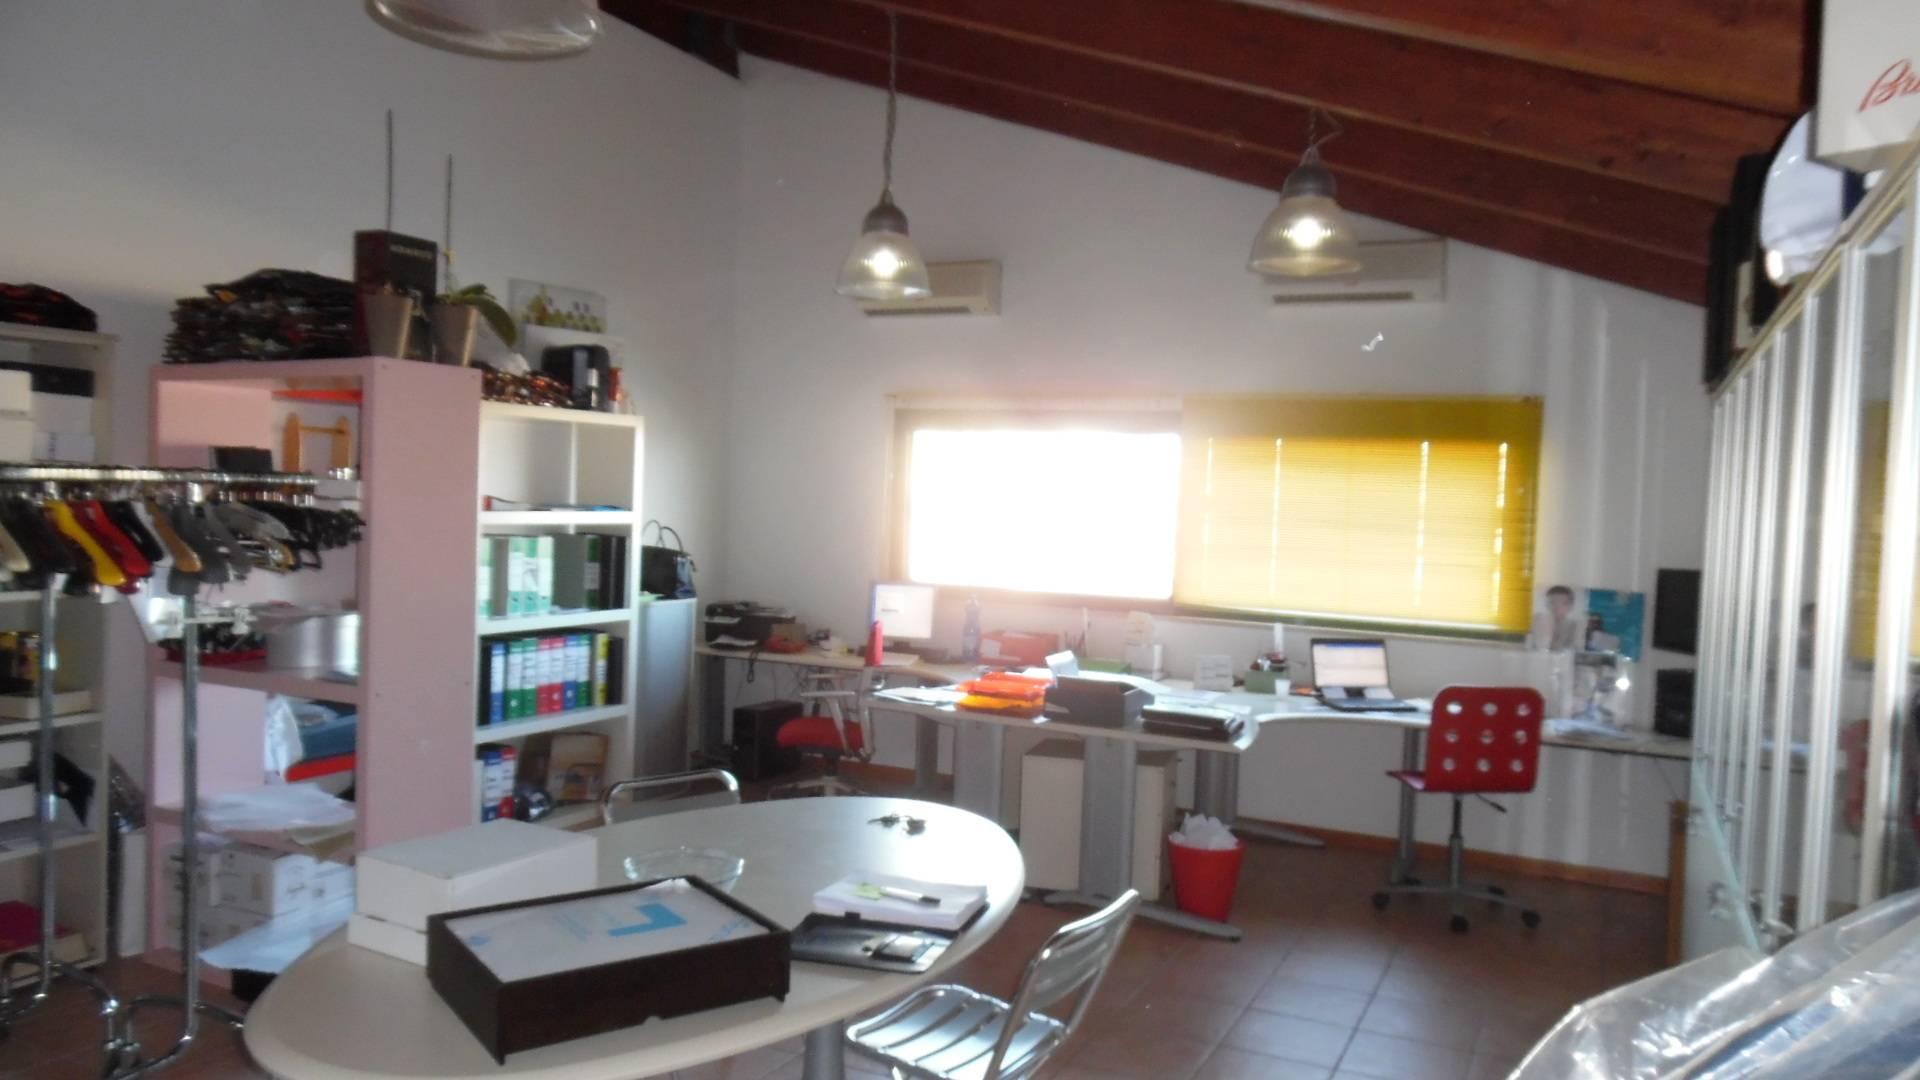 Laboratorio in vendita a San Benedetto del Tronto, 9999 locali, zona Località: PortodAscoli, prezzo € 90.000 | CambioCasa.it